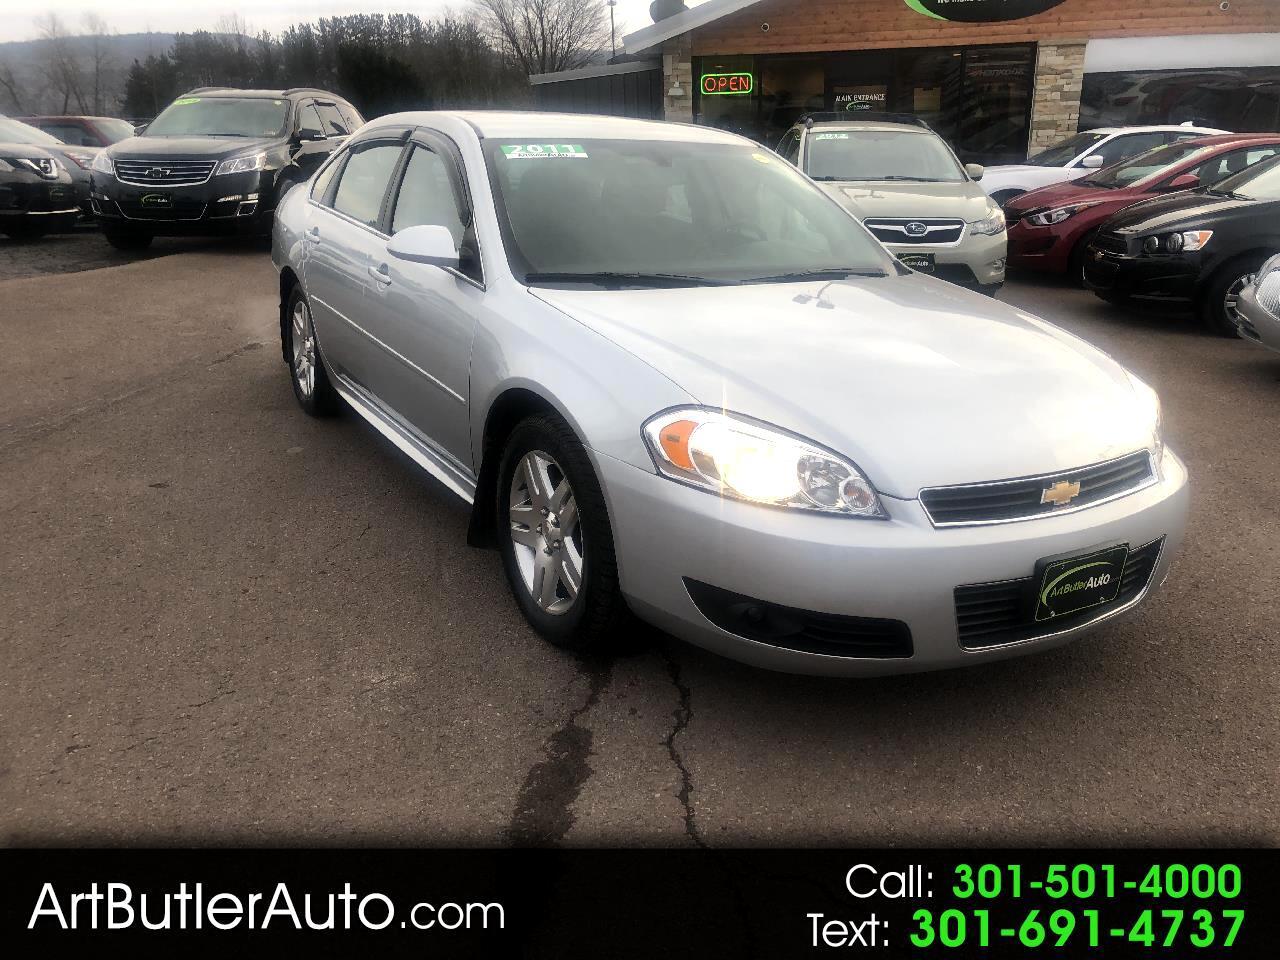 2011 Chevrolet Impala 4 Dooor LT